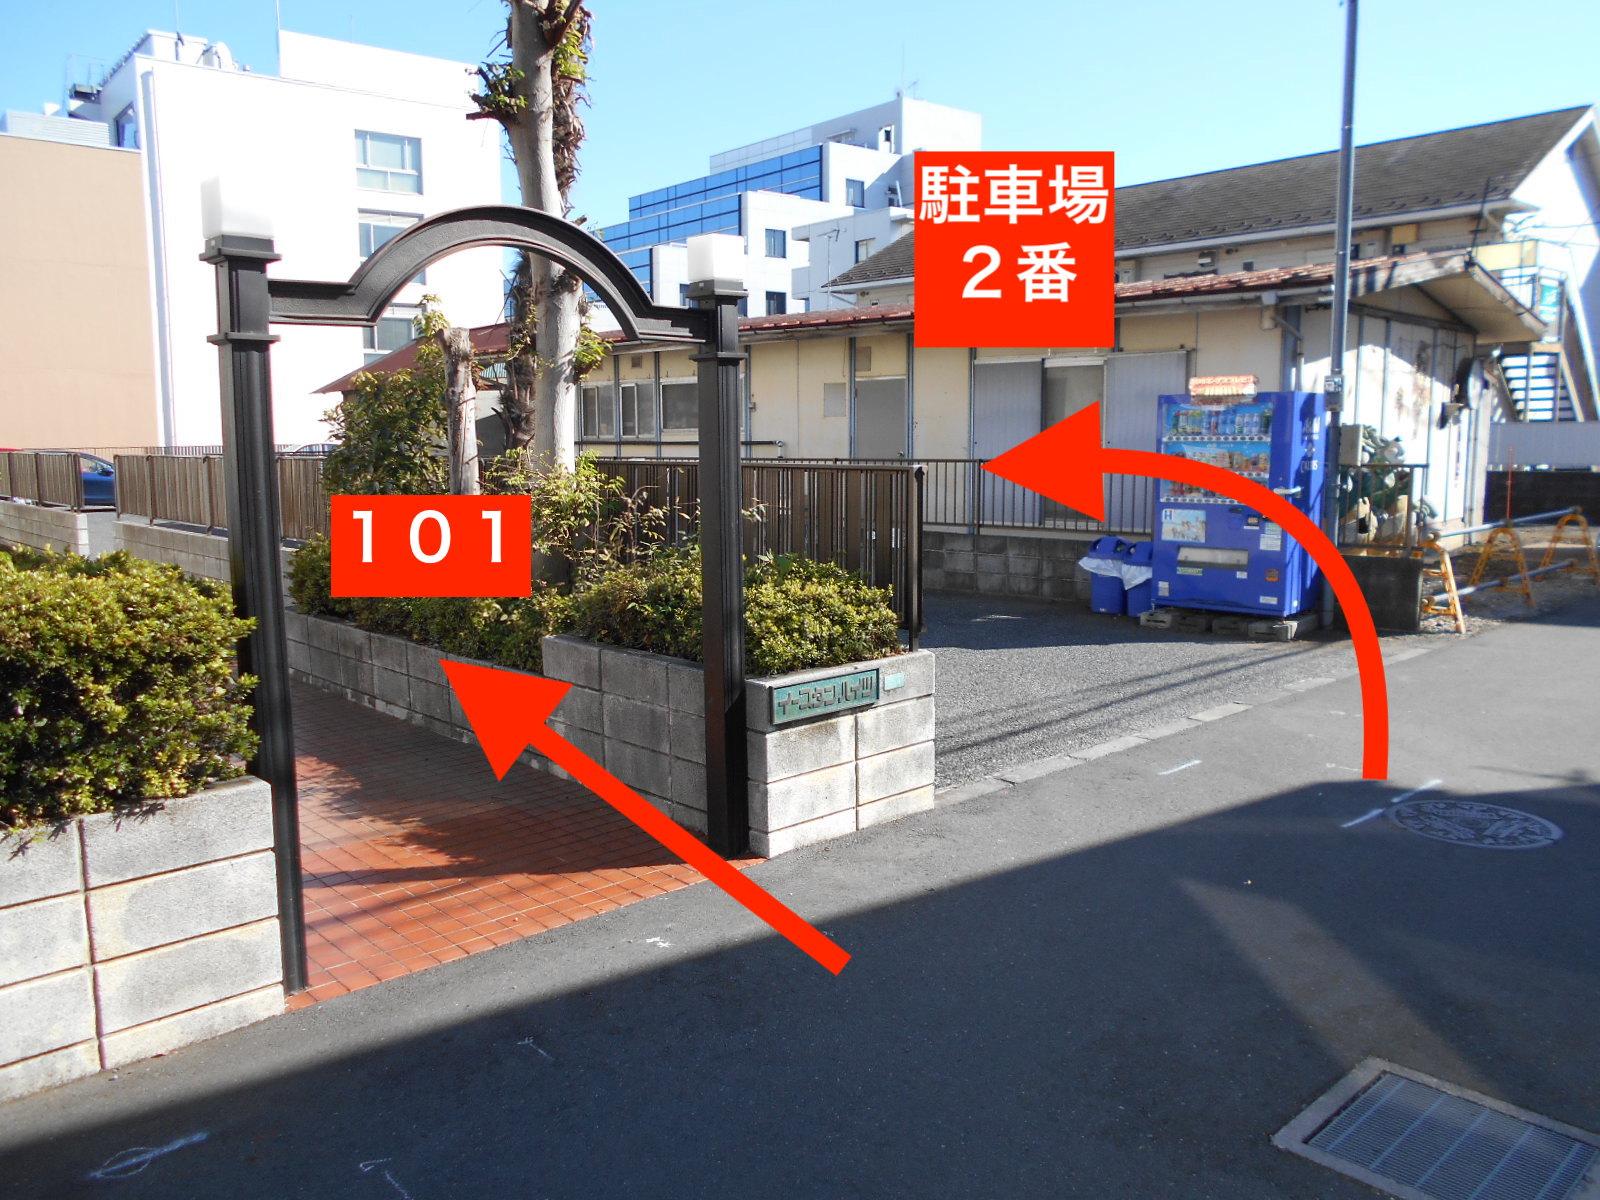 ⑧ようこそ子宝整体院 心和へ イースタンハイツ101です。 駐車場は向かいの2番となります。駐輪場も敷地内にございます。